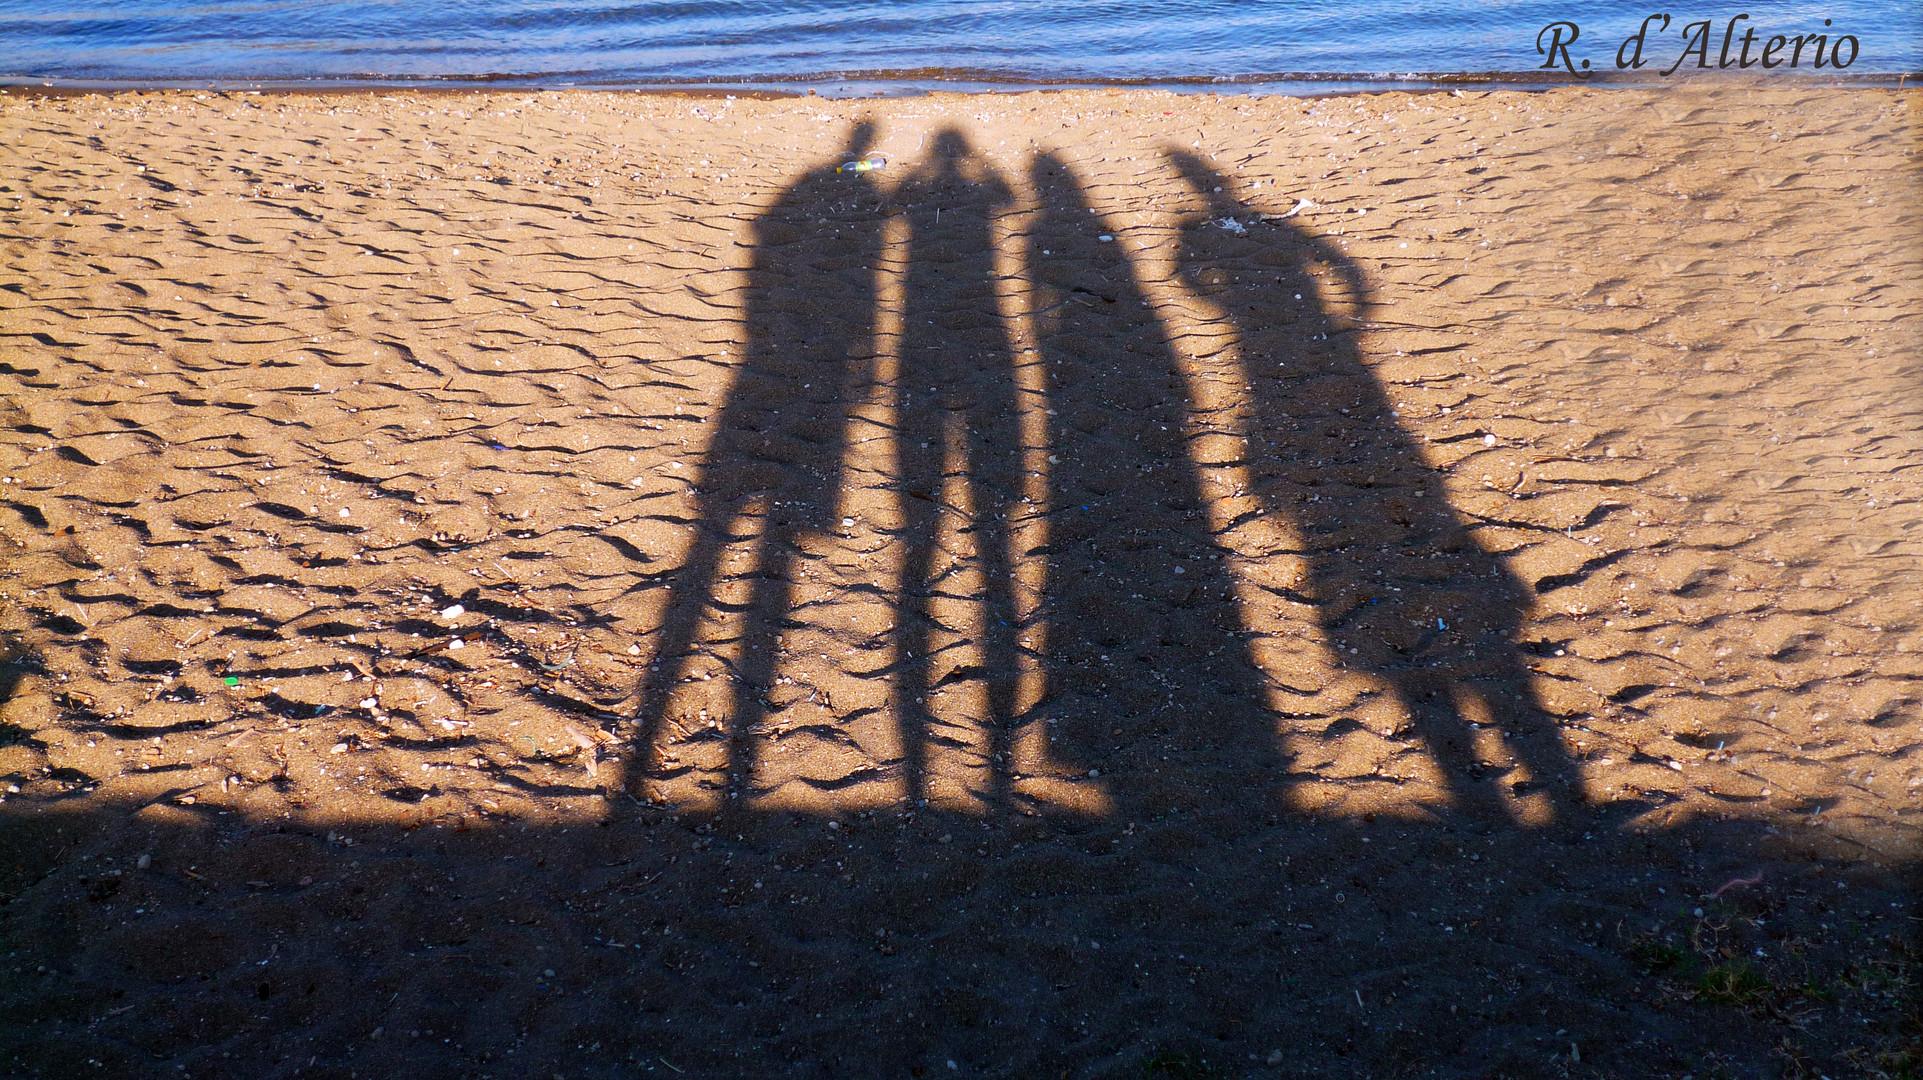 Le ombre lunghe del tramonto